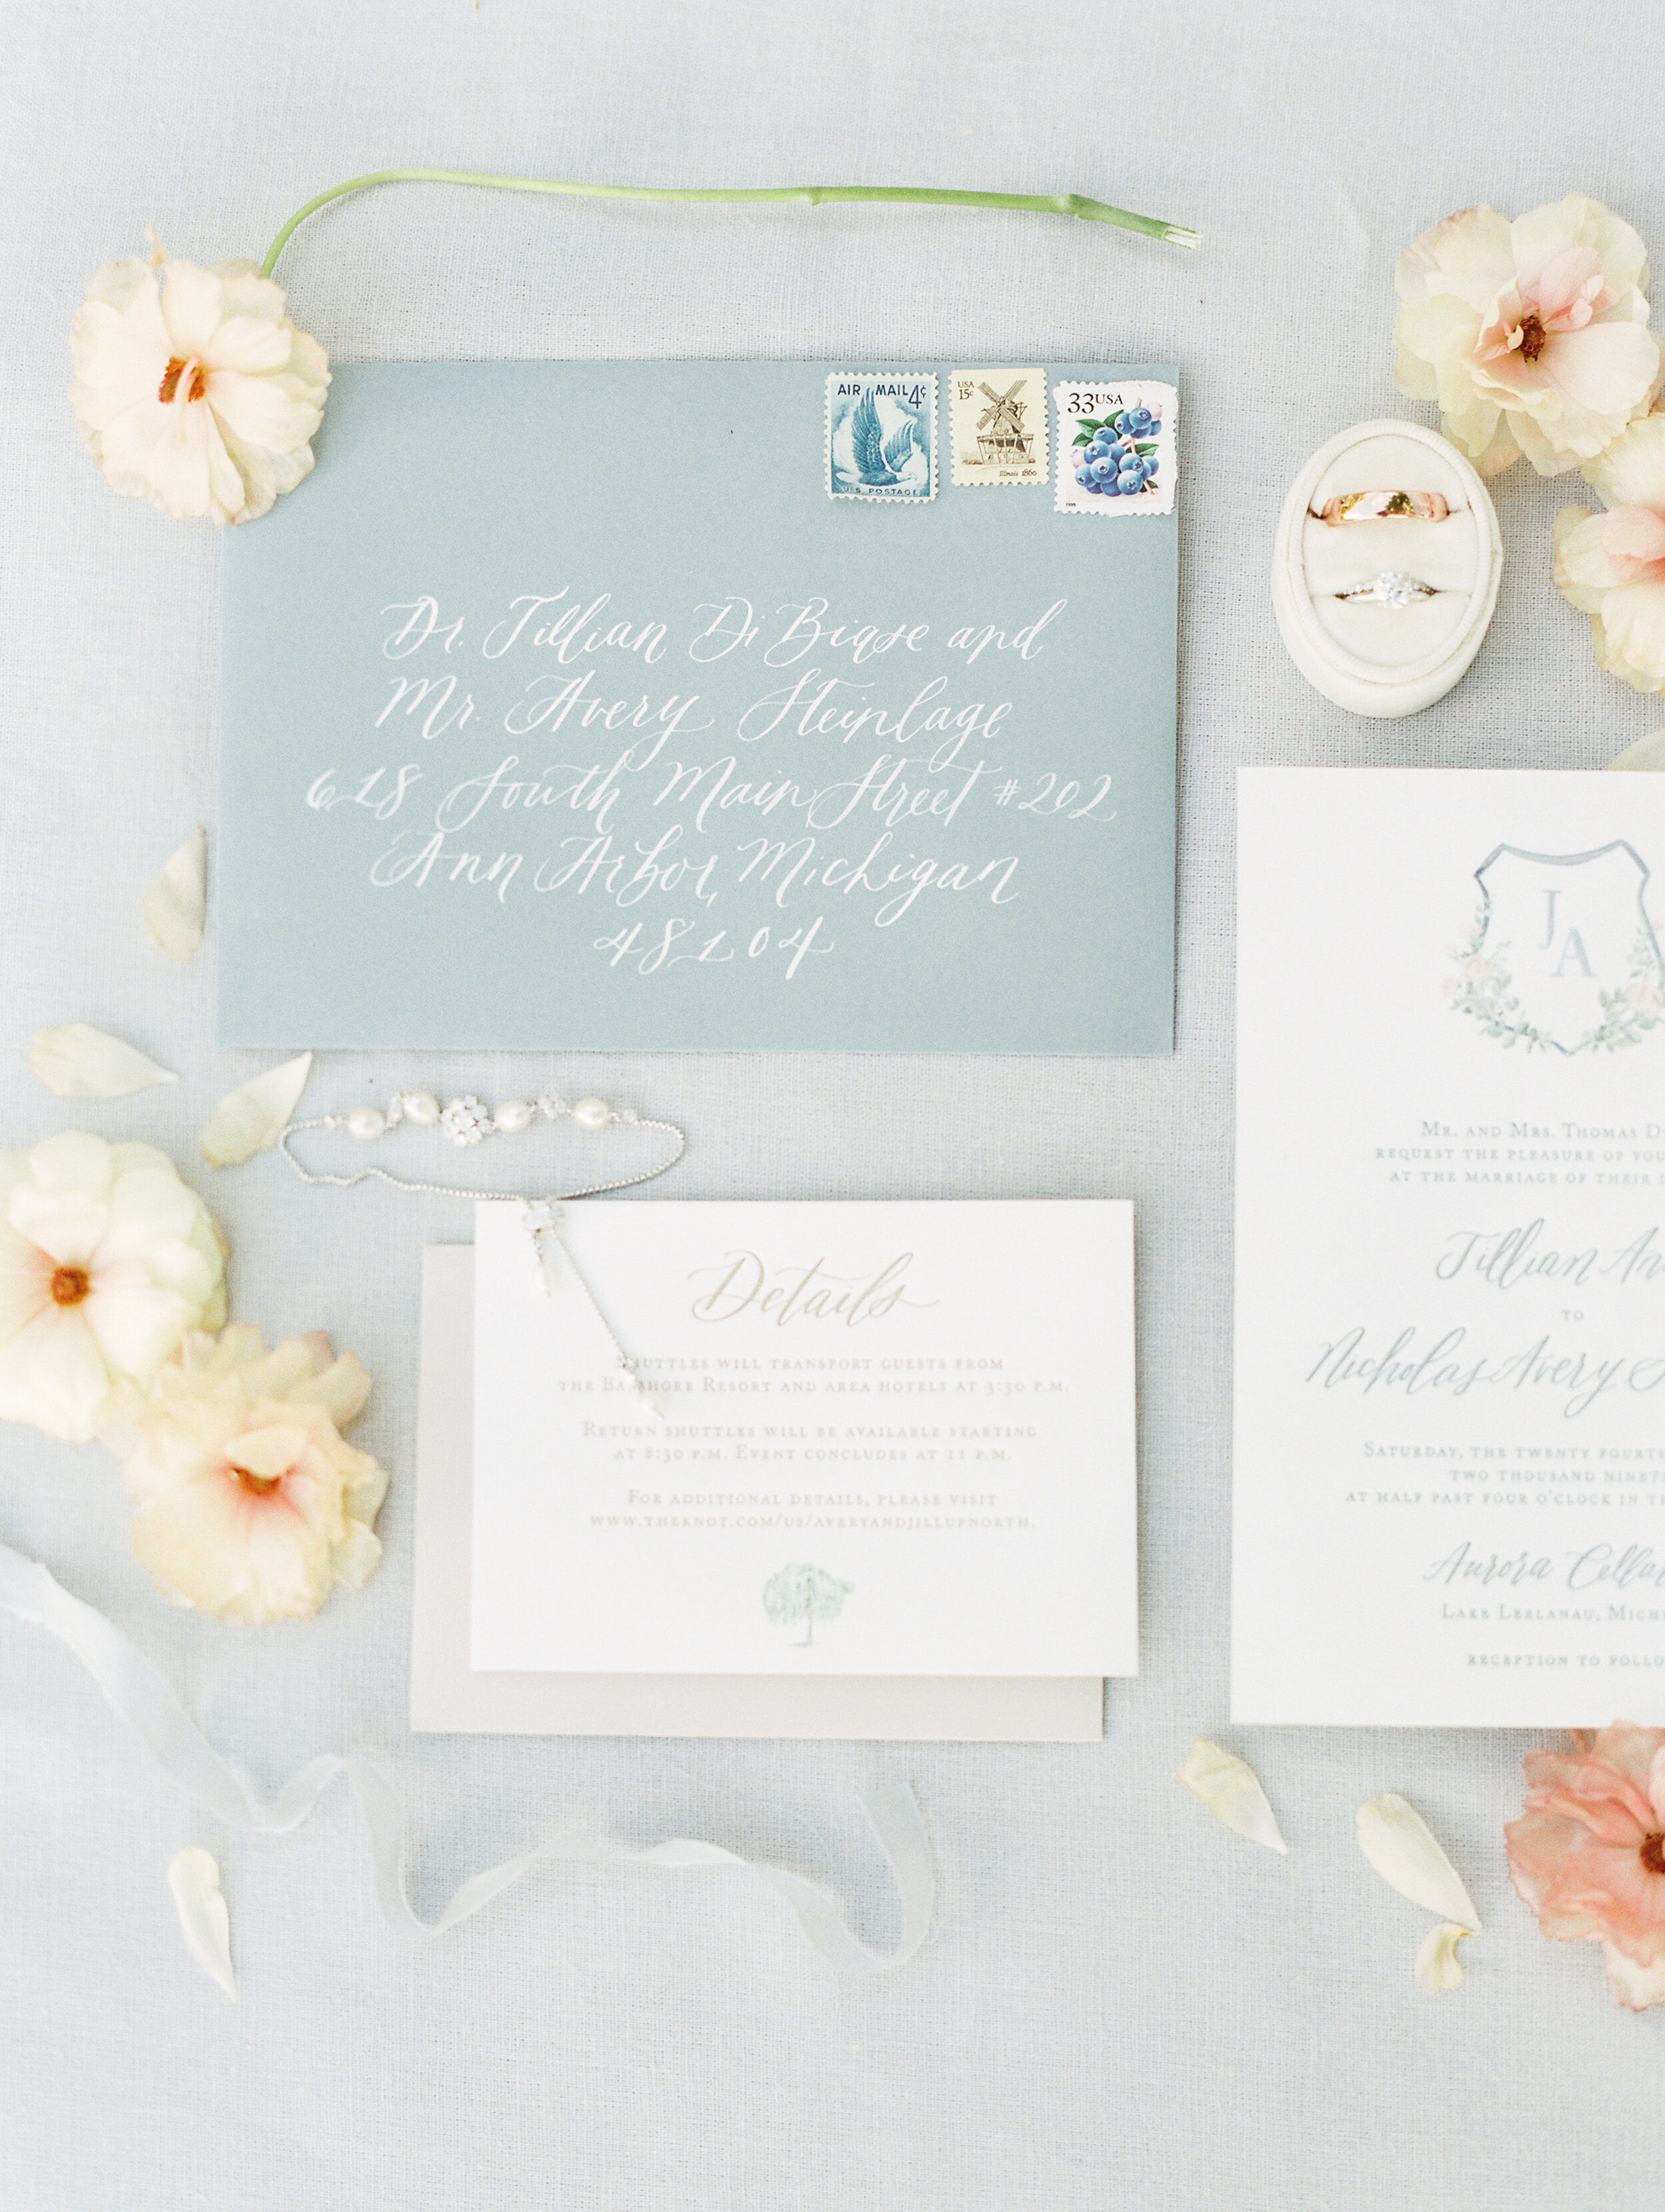 Steinlage+Wedding+Details-4.jpg